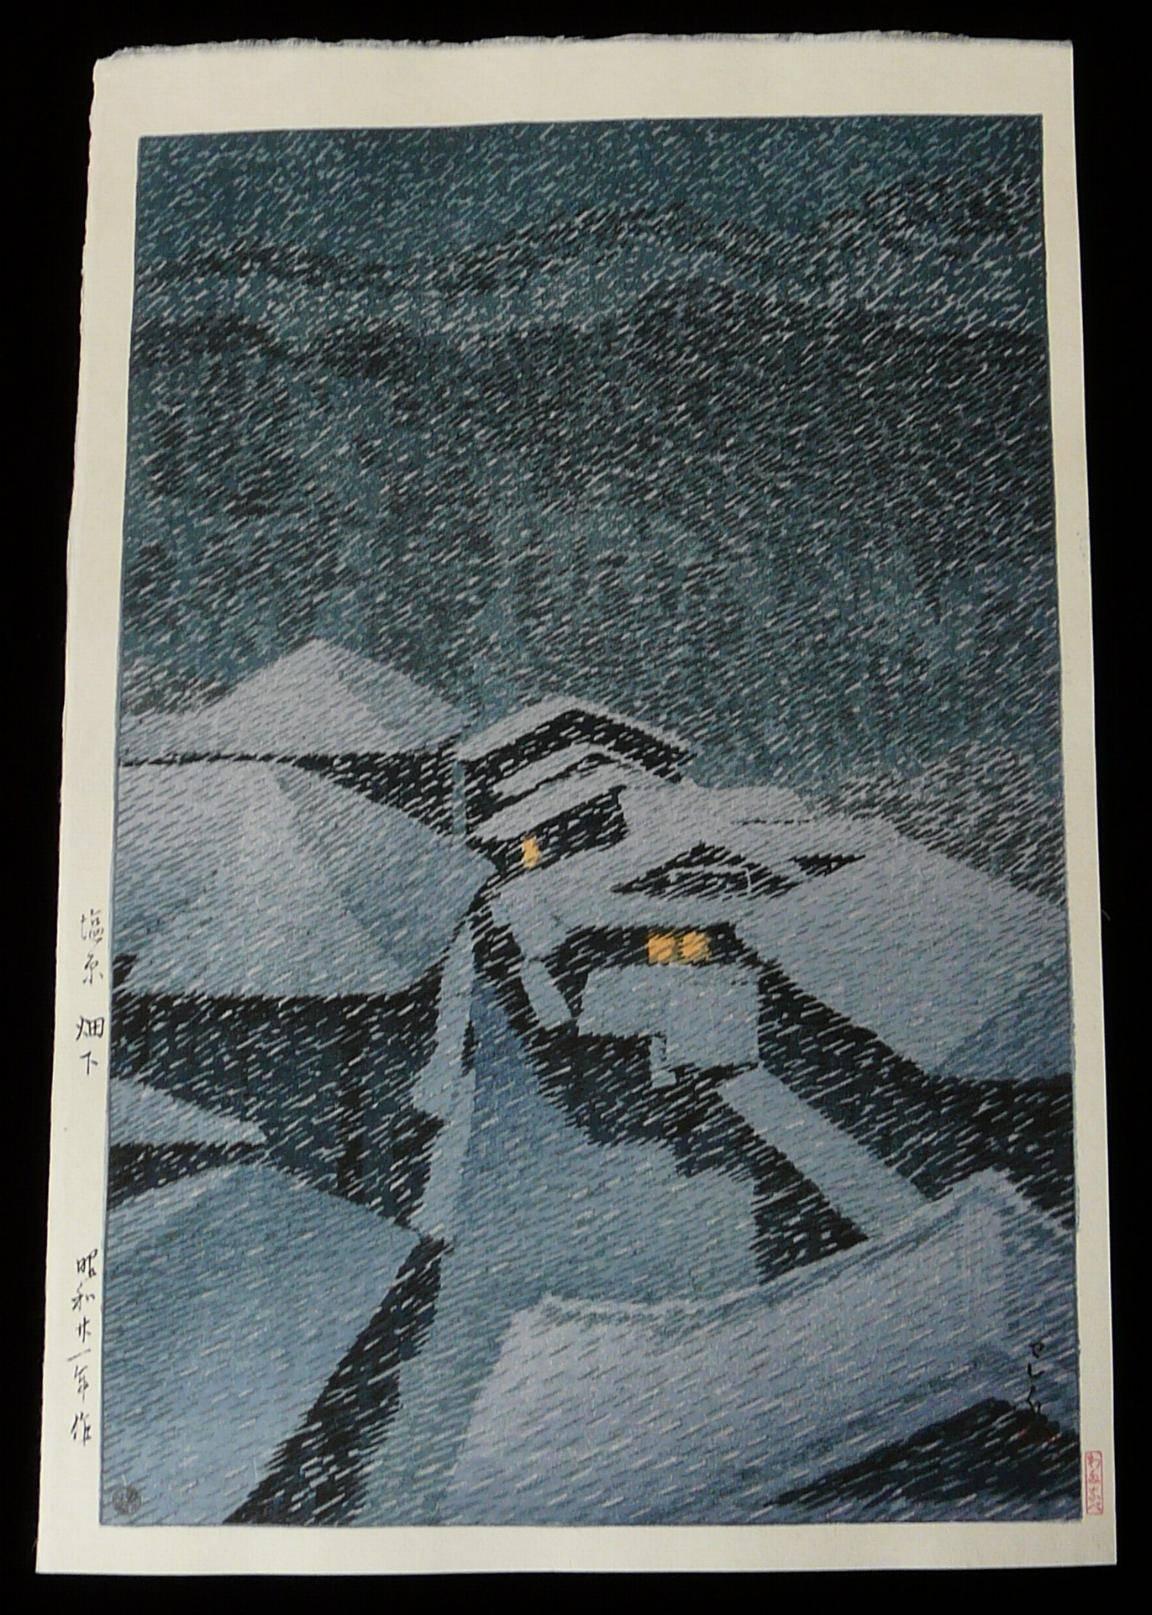 KAWASE HASUI: #P2856 SNOW STORM AT HATAKUDARI